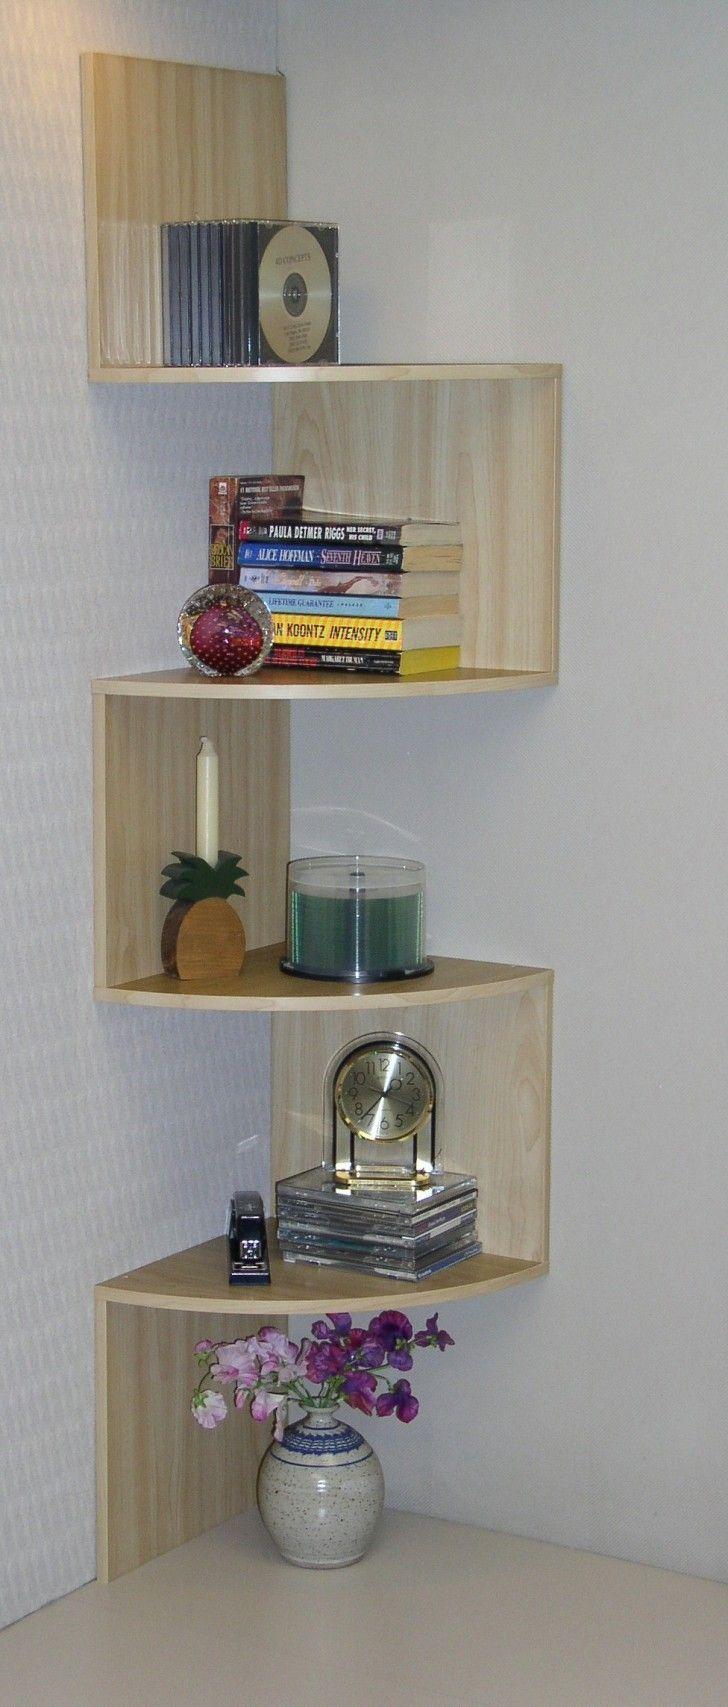 Shelves For Bedroom Walls Furniture Furniture Bedroom Interior Design Bedroom Ideas Bedroom